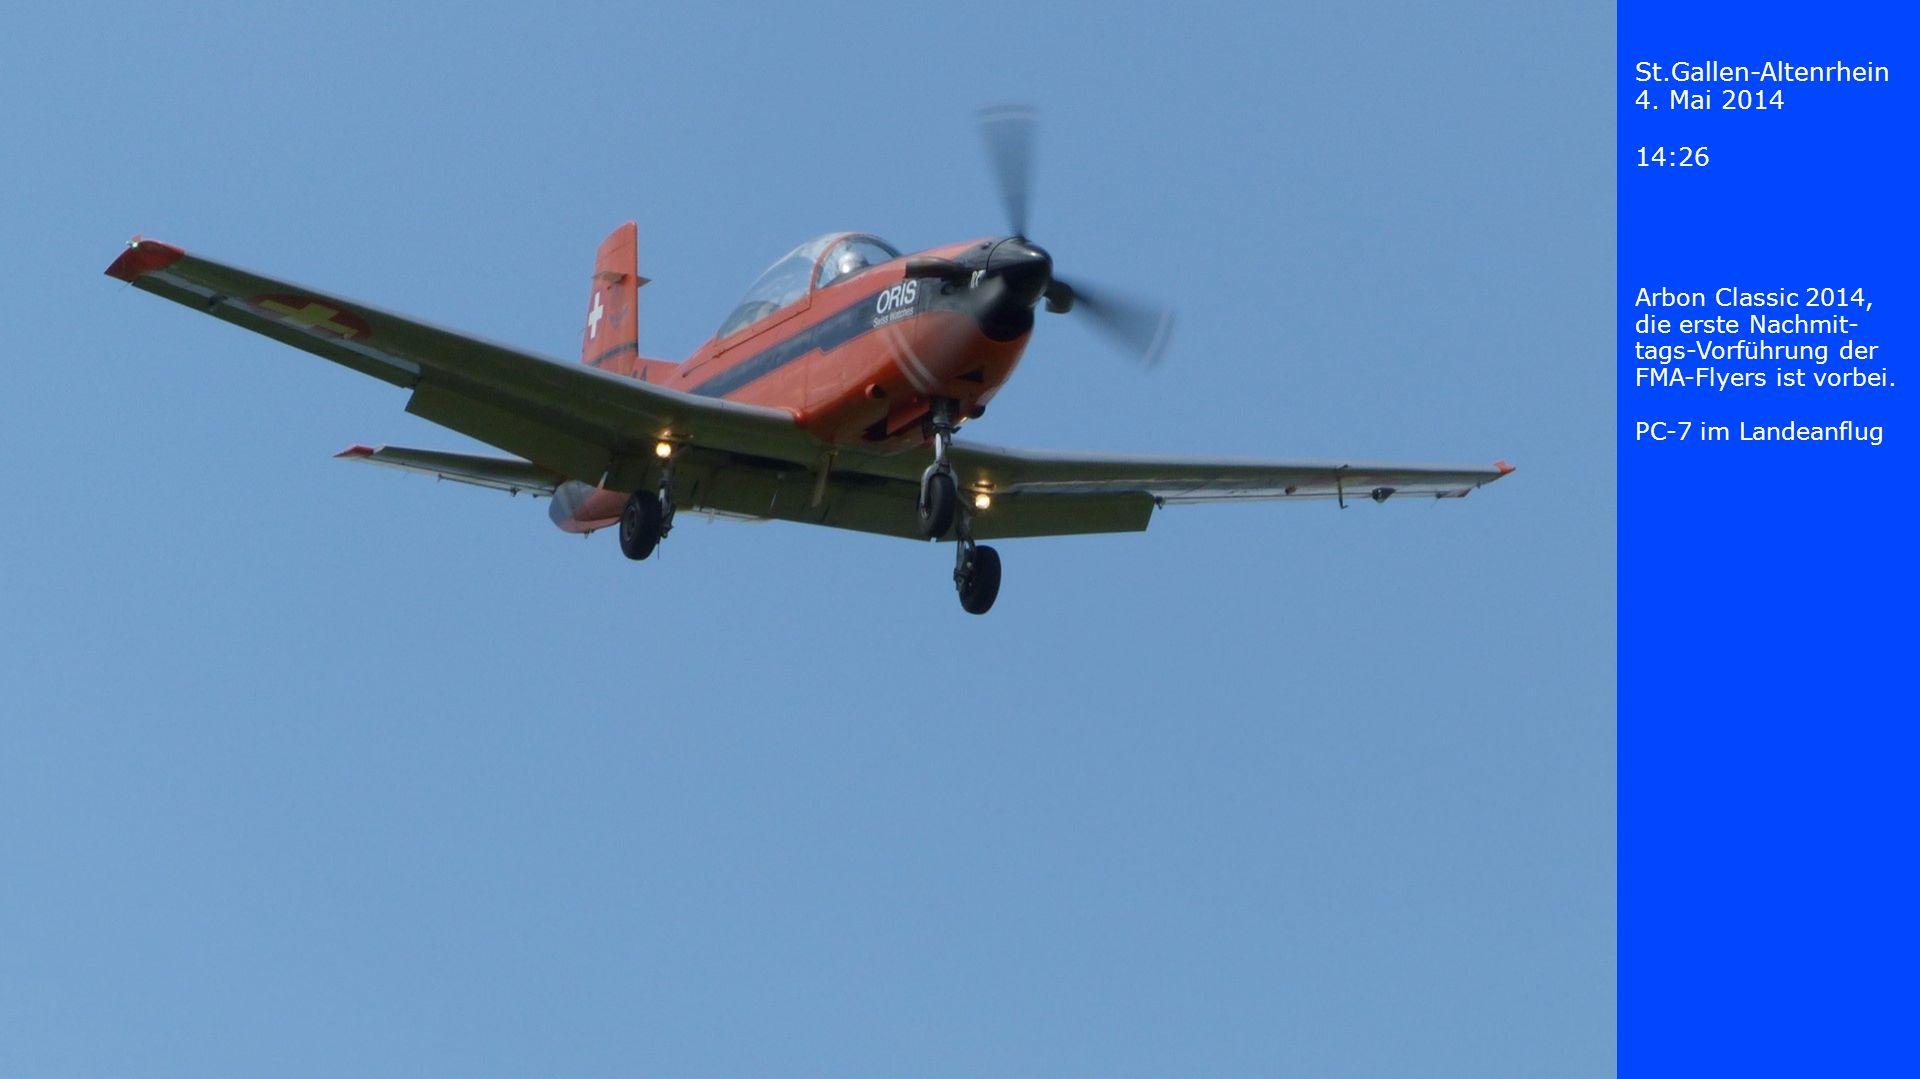 St.Gallen-Altenrhein 4. Mai 2014 14:27 Pilatus P-3 im Landeanflug